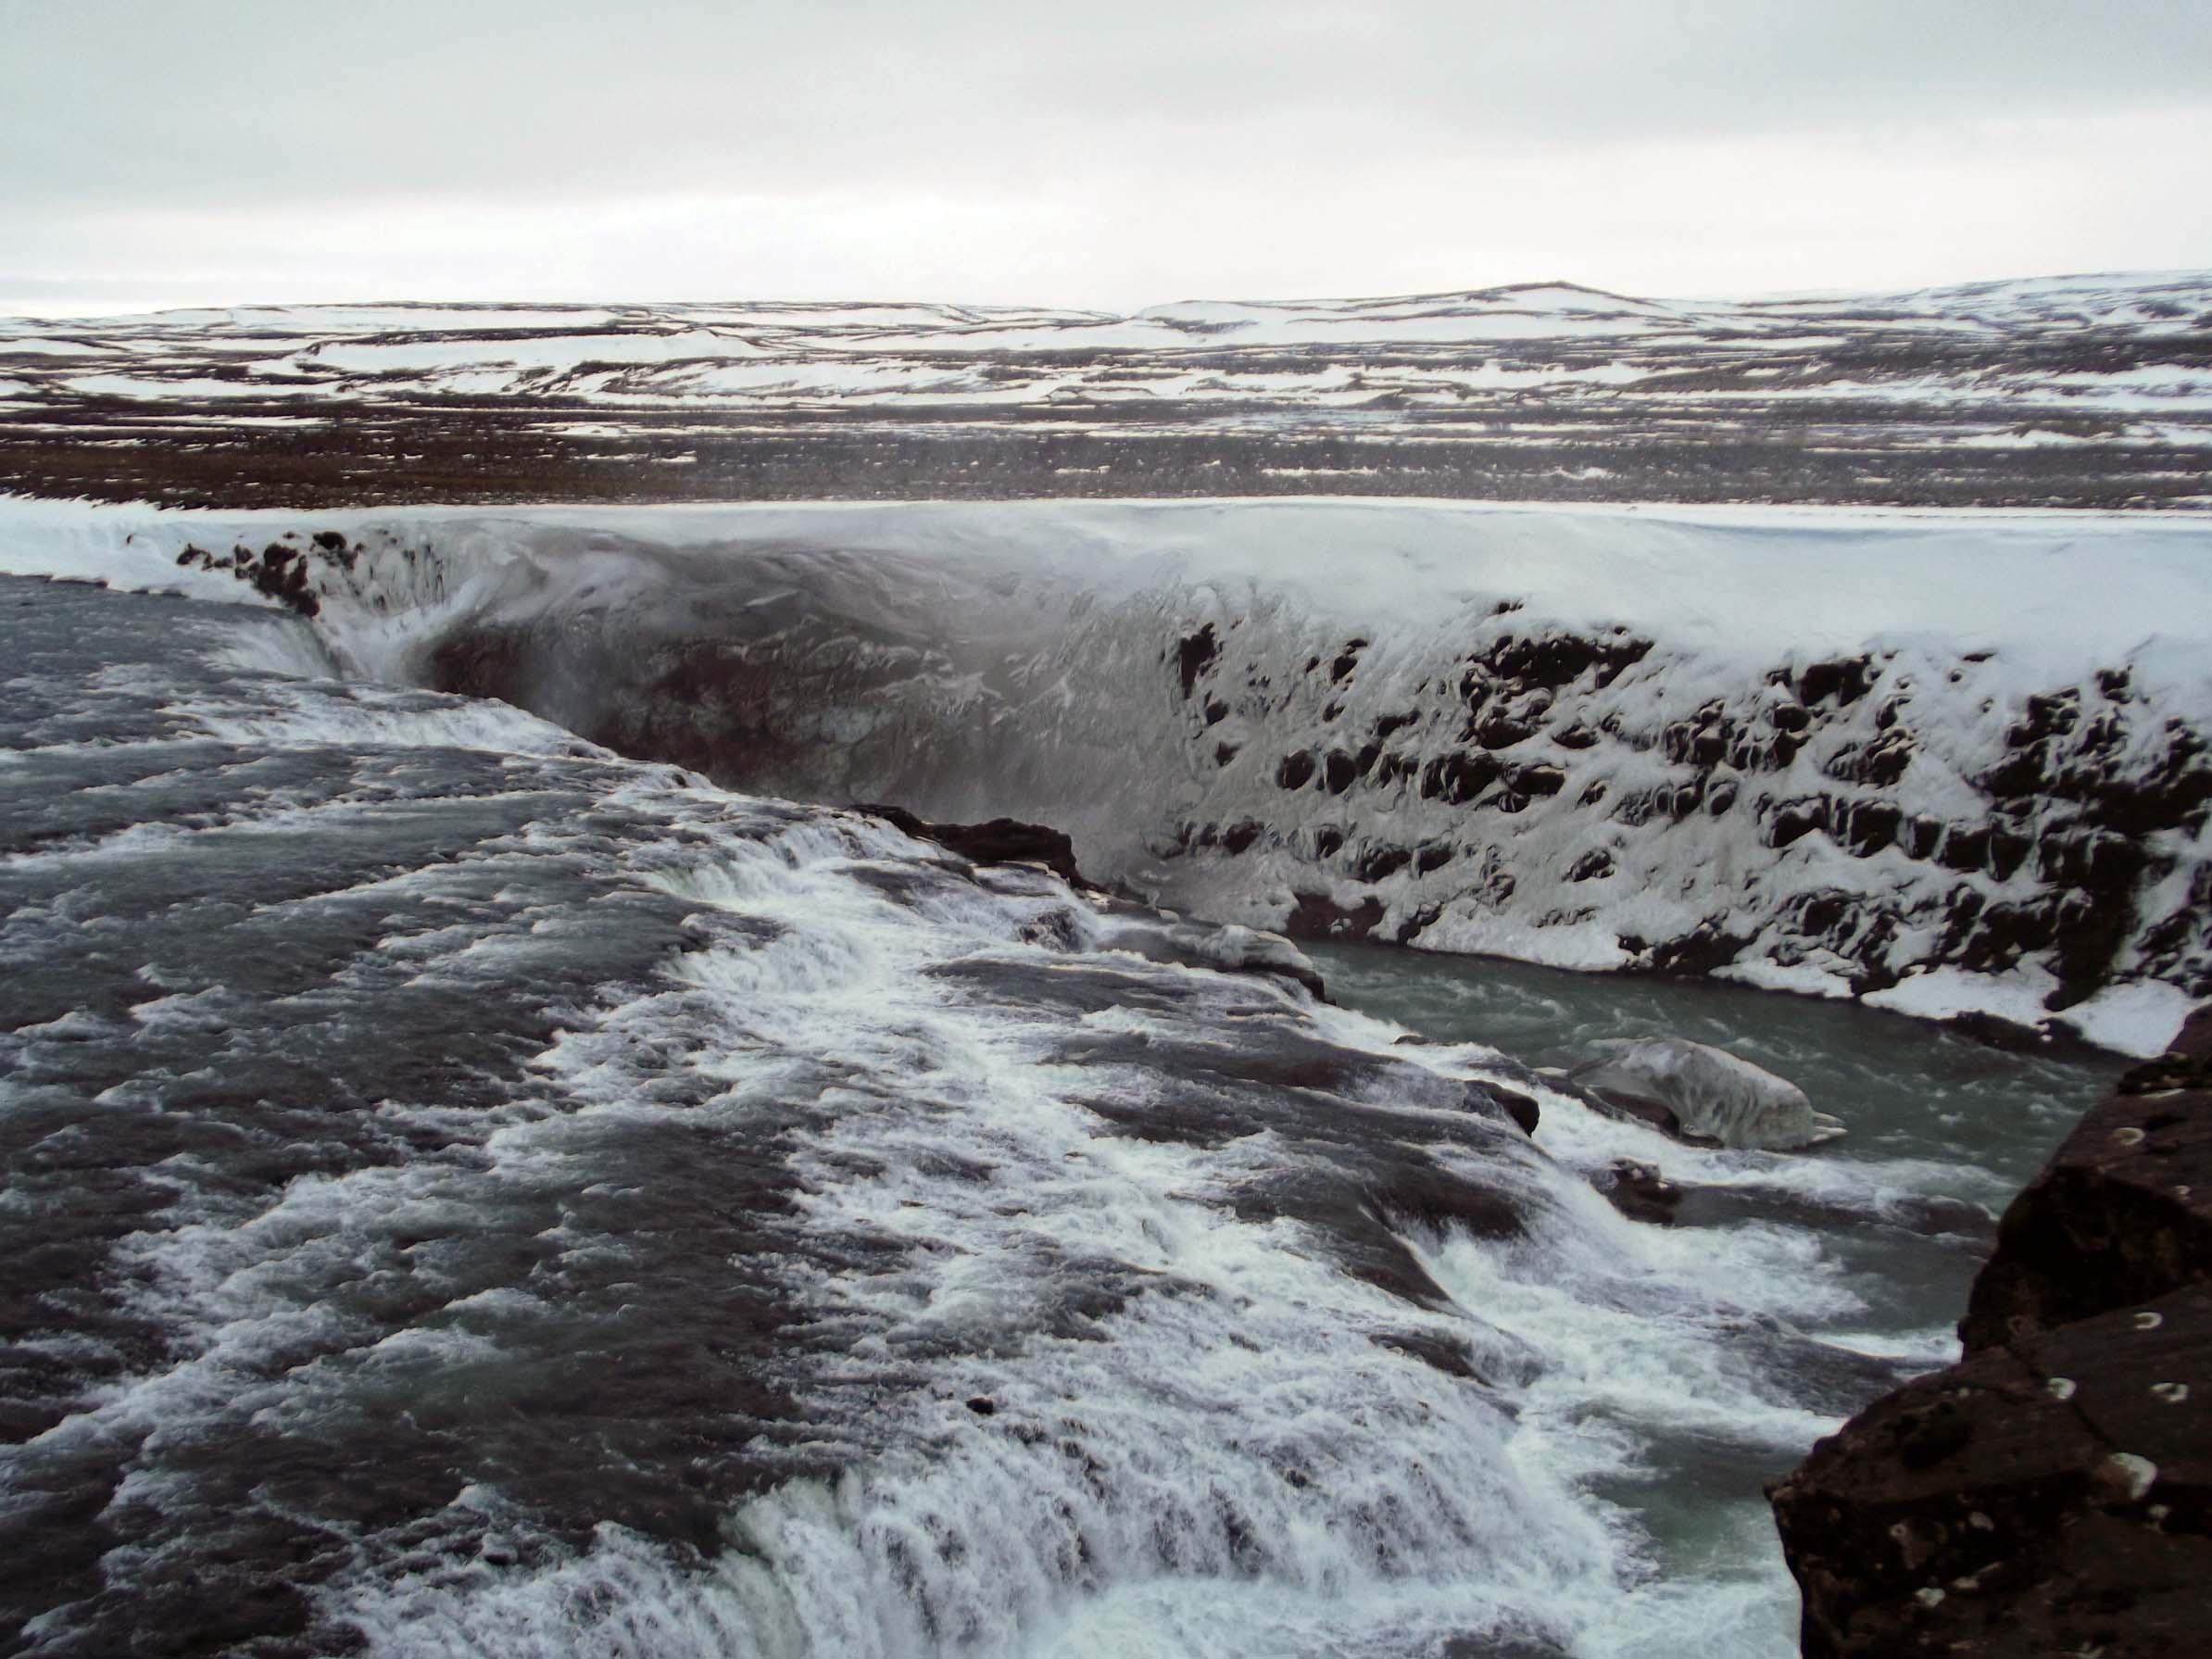 Large waterfall in snowy landscape